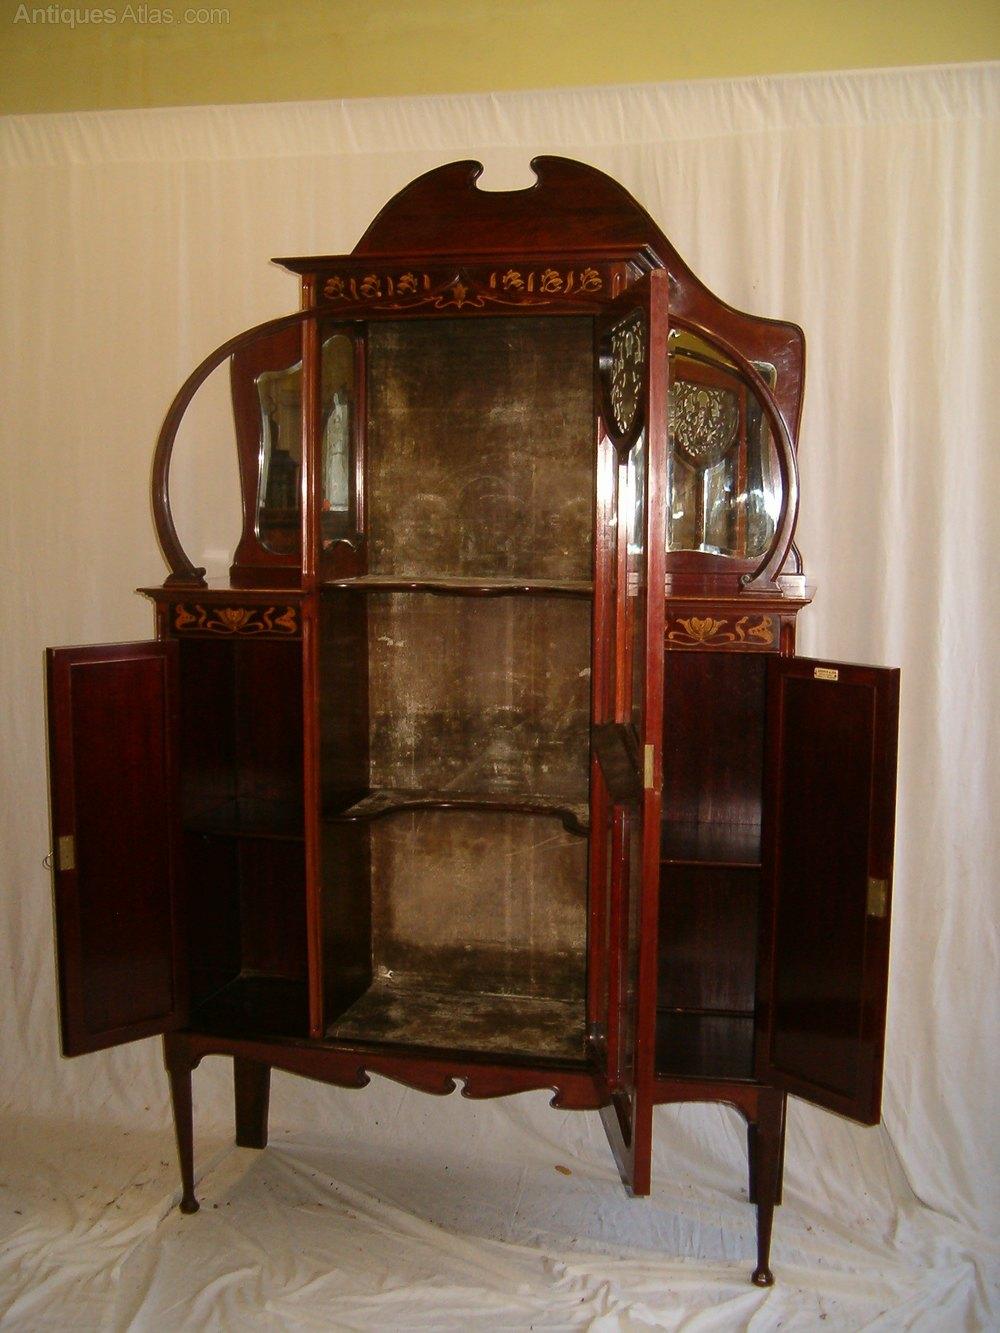 Important Art Nouveau Cabinet Antiques Atlas